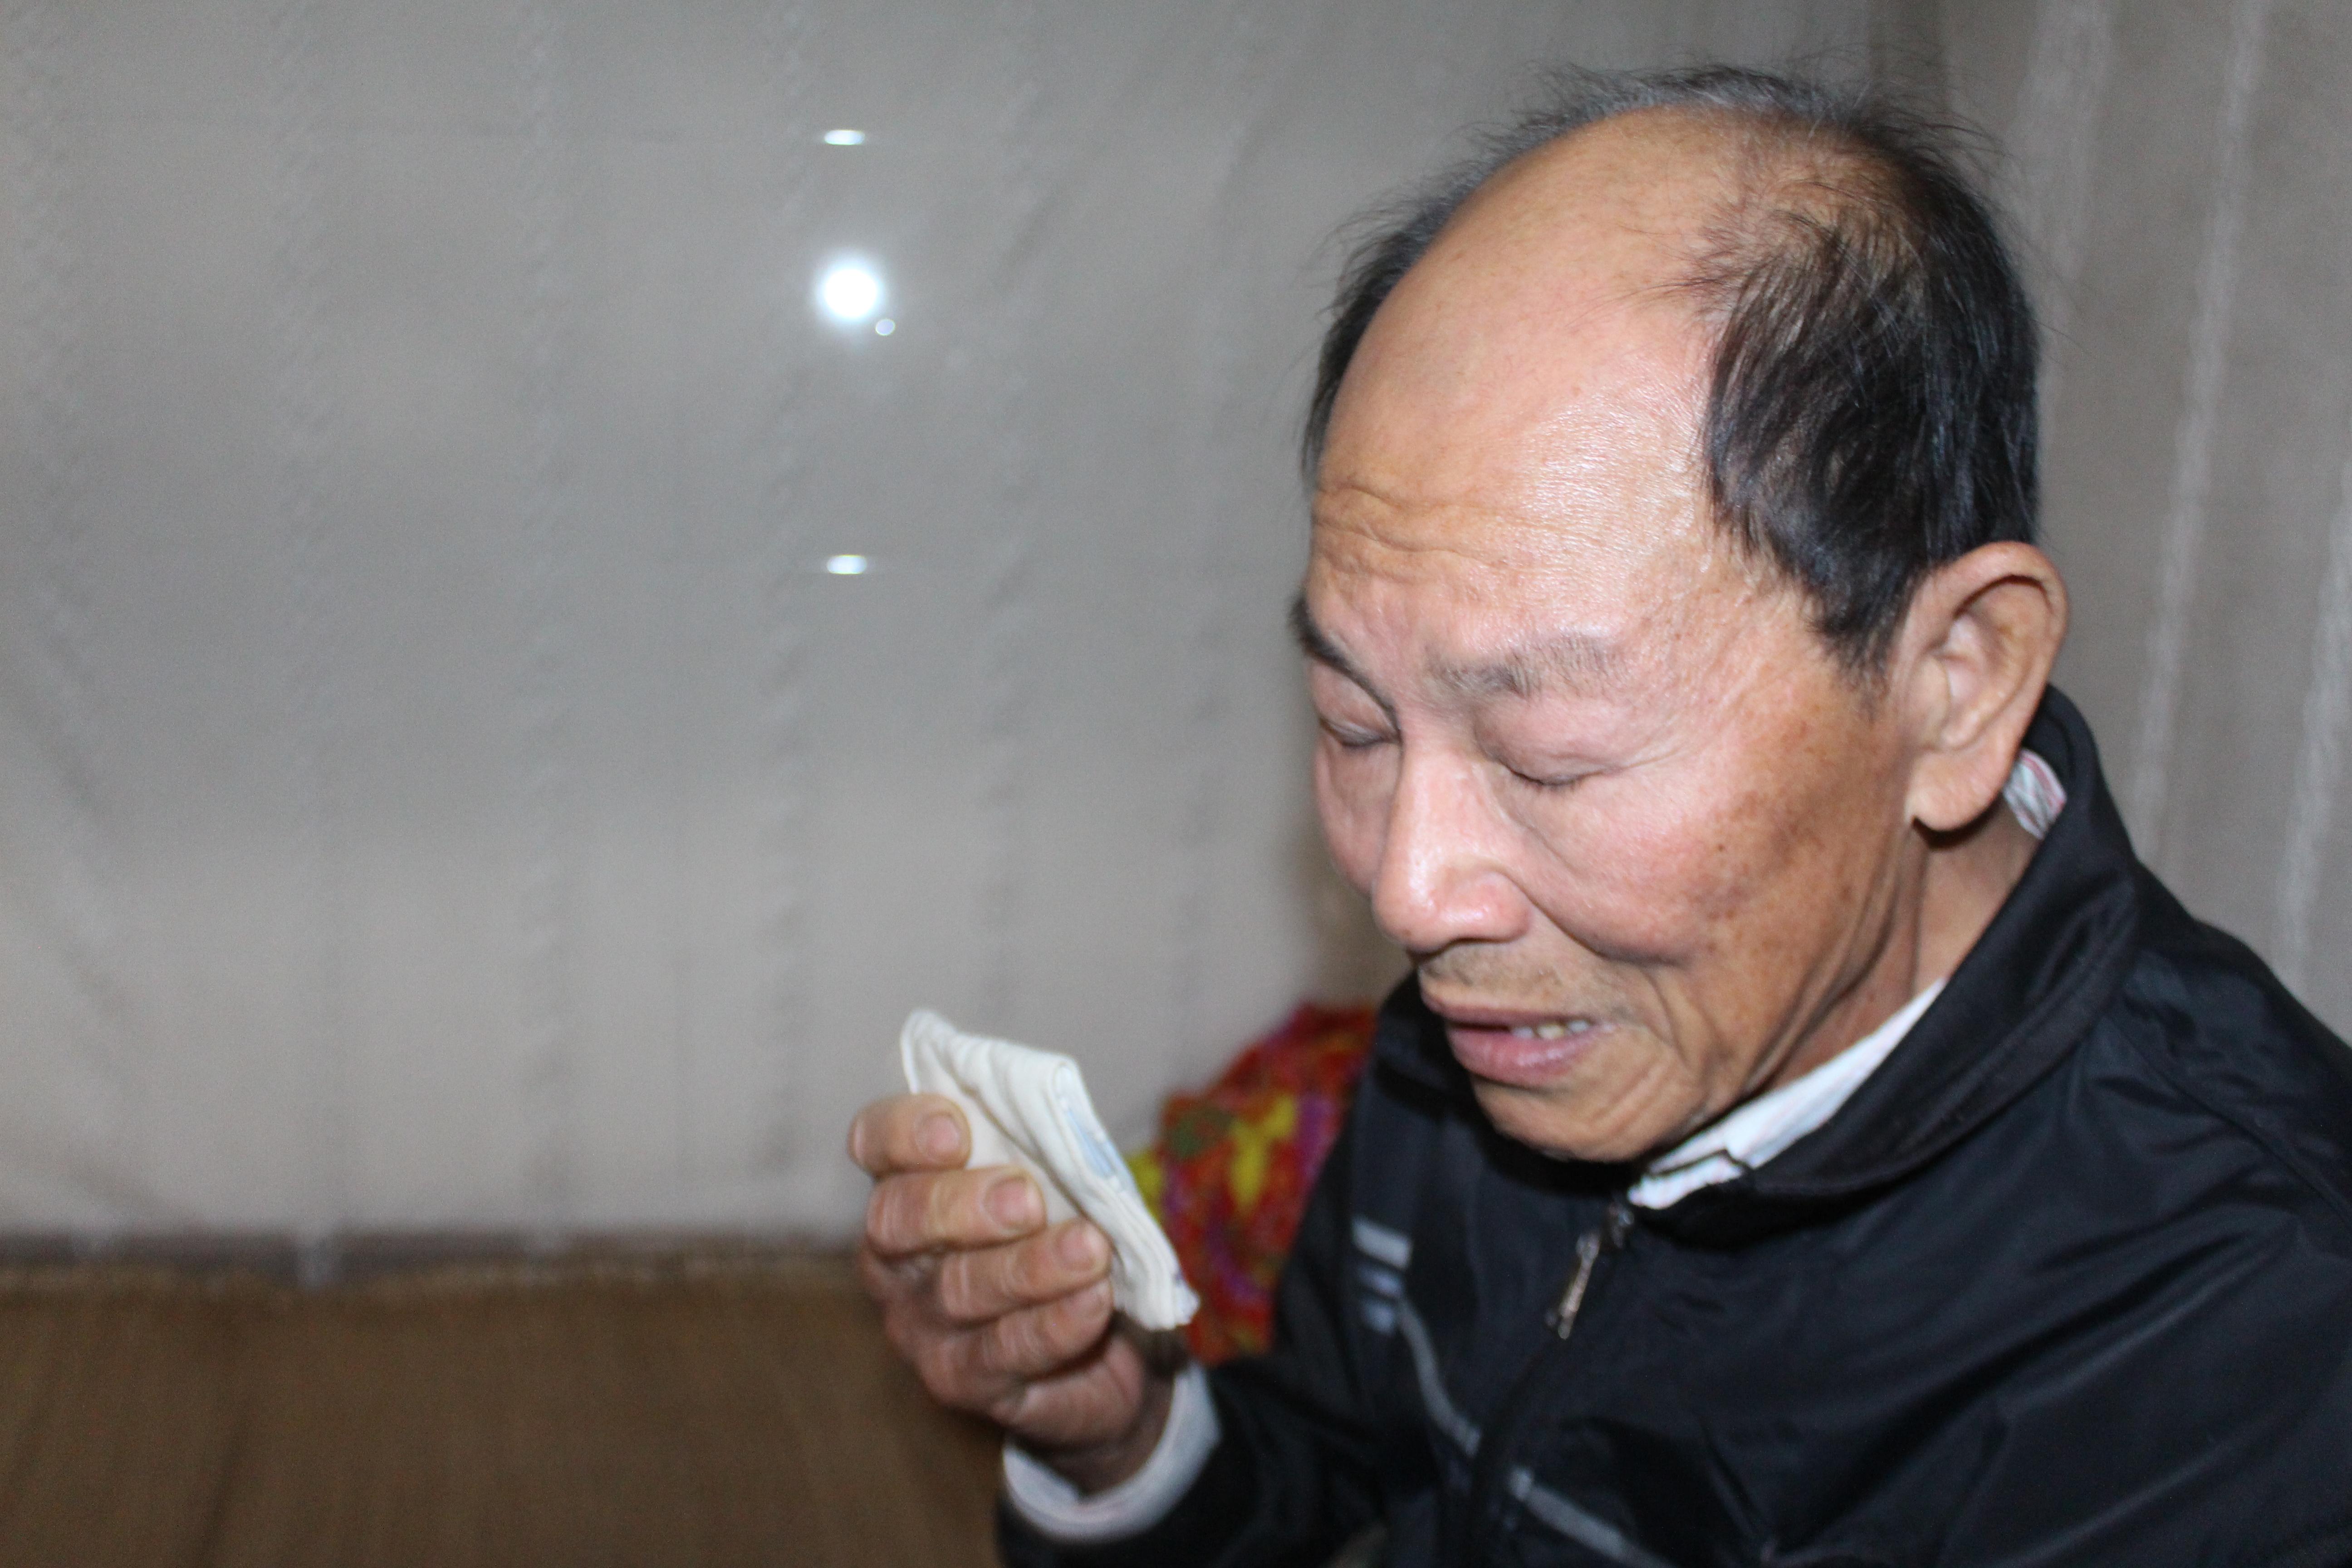 Ông Lê Văn Thế lau vội giọt nước mắt trước khi trò chuyện cùng chúng tôi.